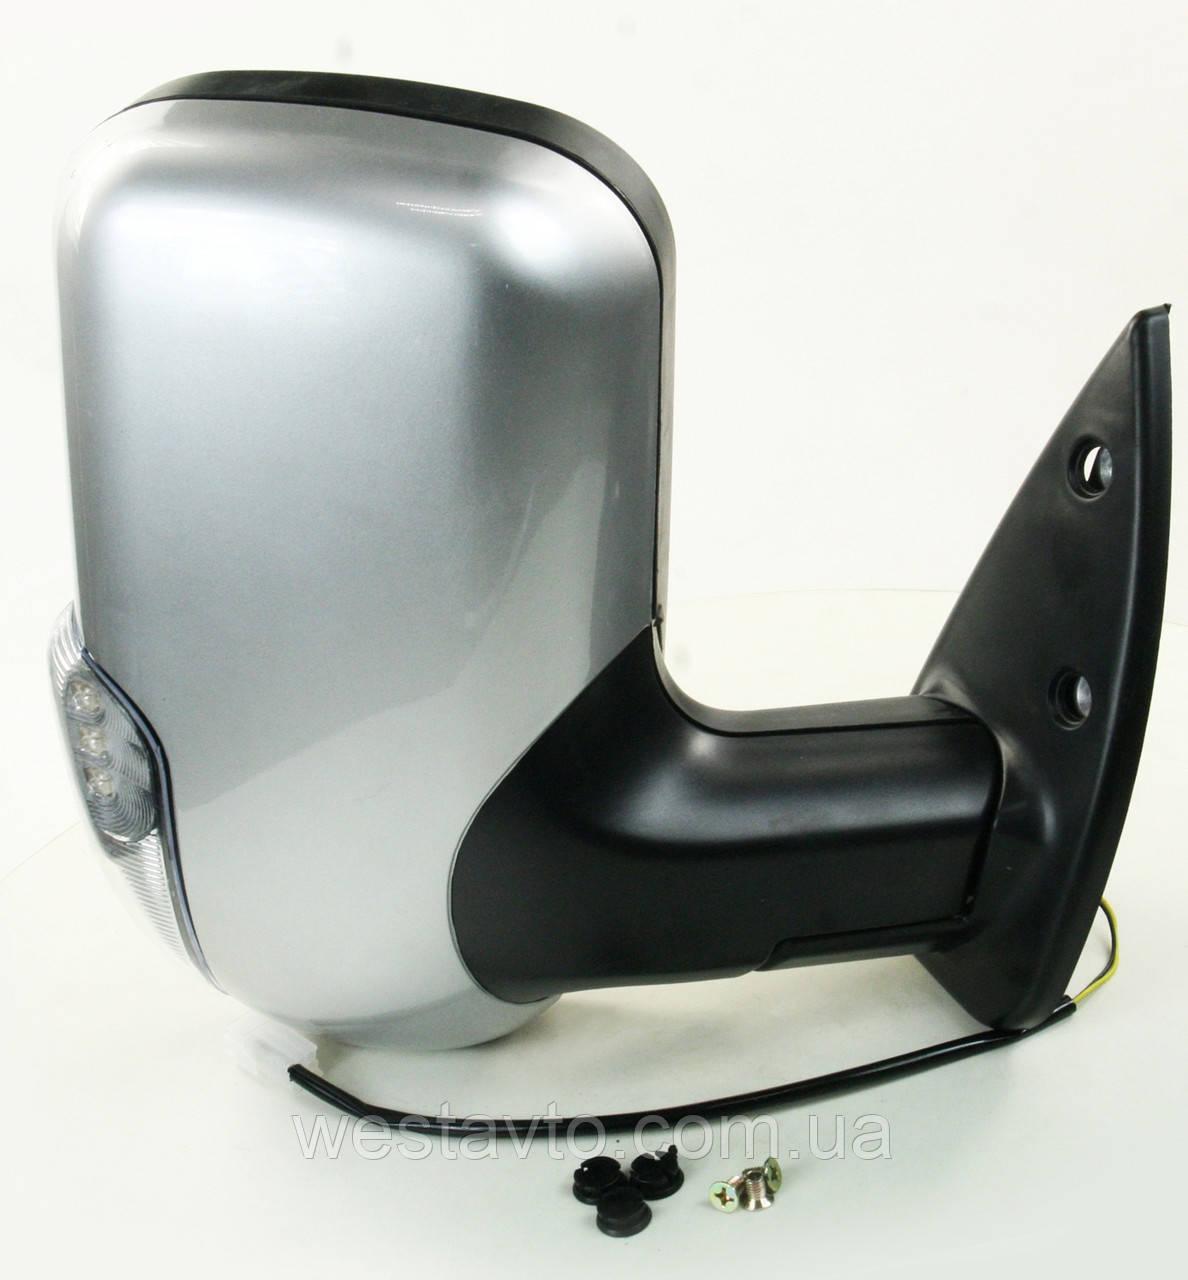 Зеркало боковое ГАЗ 3302 нов. обр. с поворот. прав. серебристое <ДК>